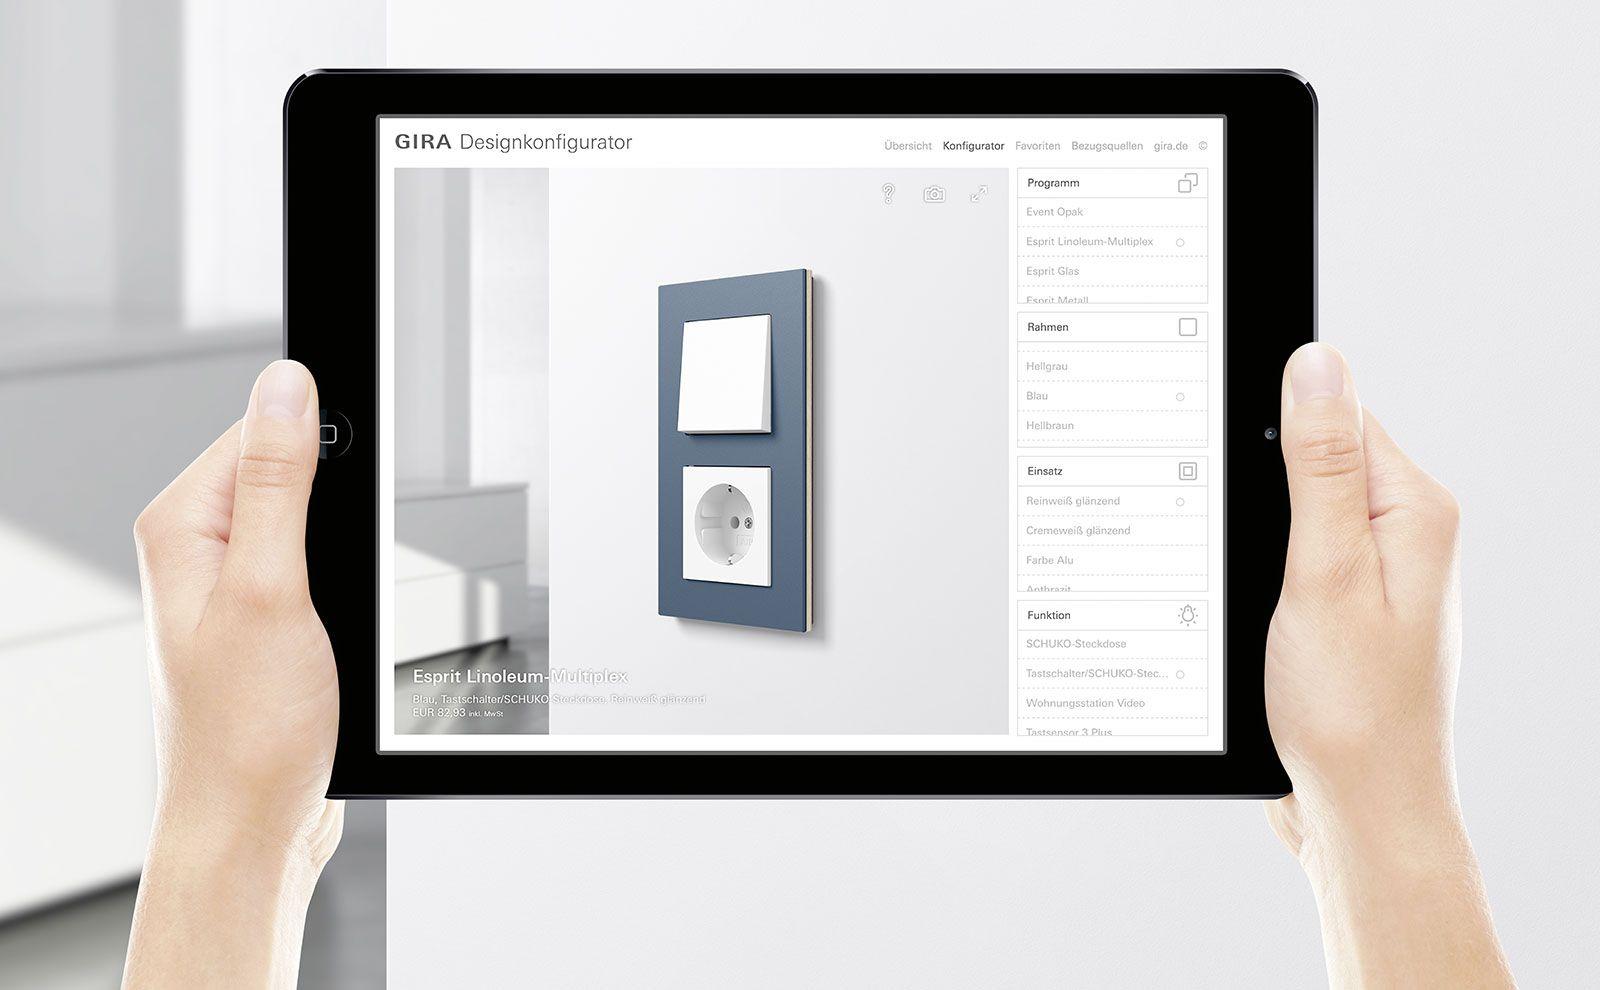 Tablet wird in der Hand gehalten mit Gira Designkonfigurator App